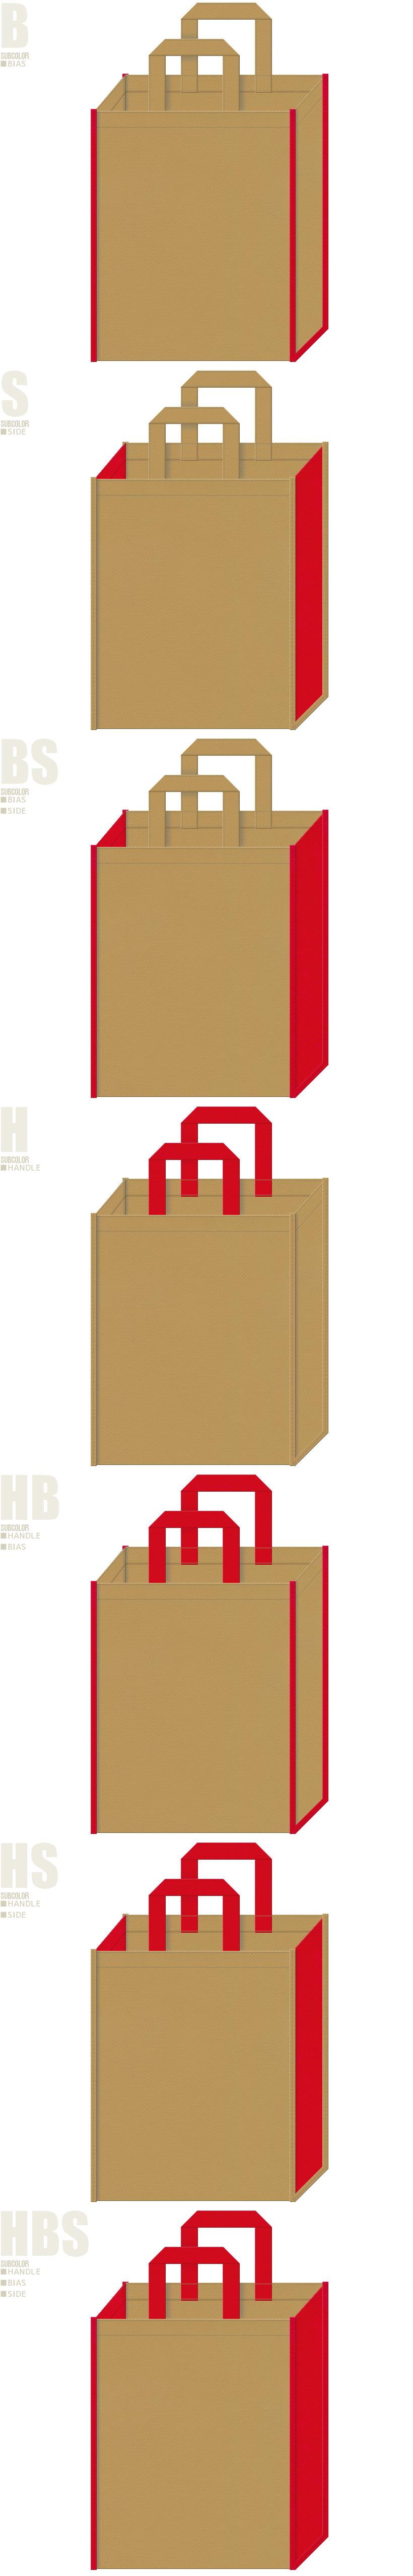 赤鬼・節分・大豆・一合枡・御輿・お祭り・和風催事にお奨めの不織布バッグデザイン:マスタード色と紅色の配色7パターン